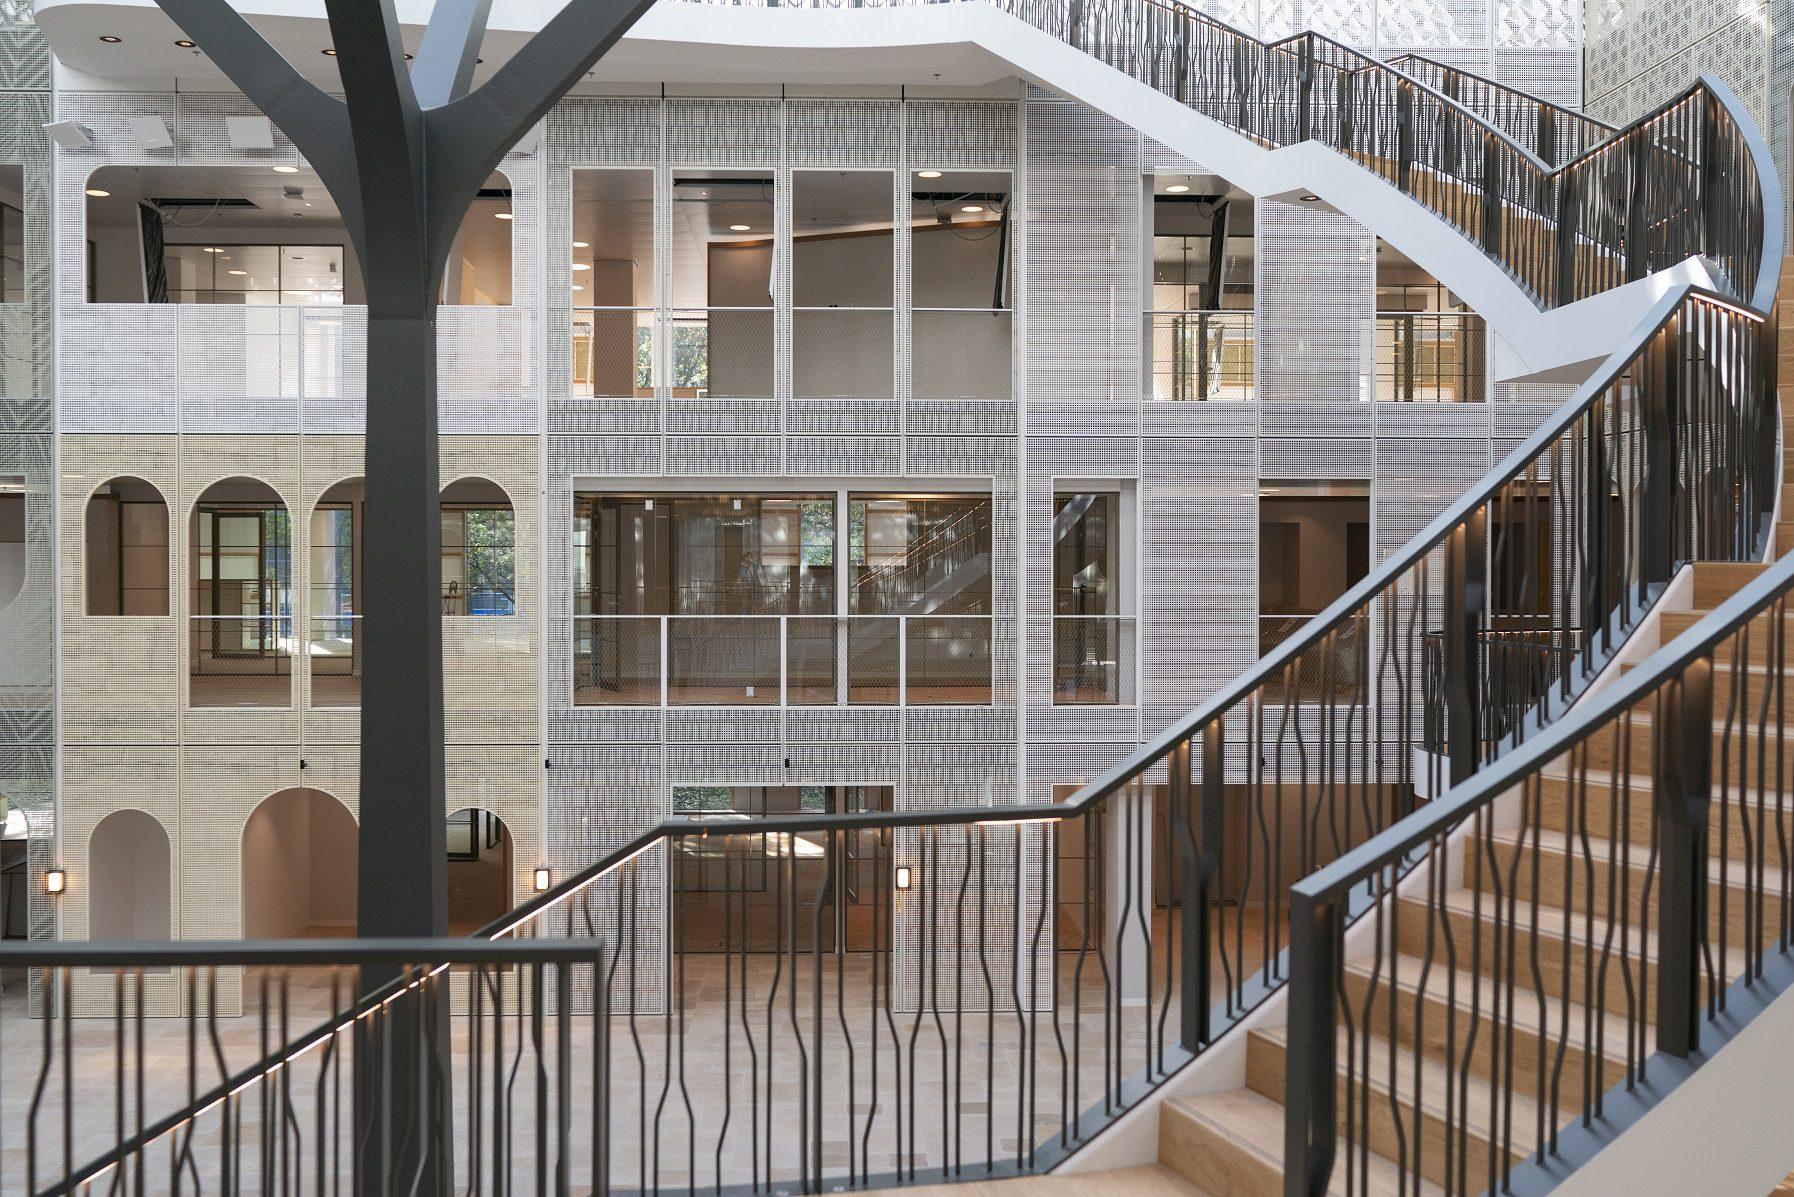 Meest duurzaam gerenoveerd gebouw Nederland, goede doelen